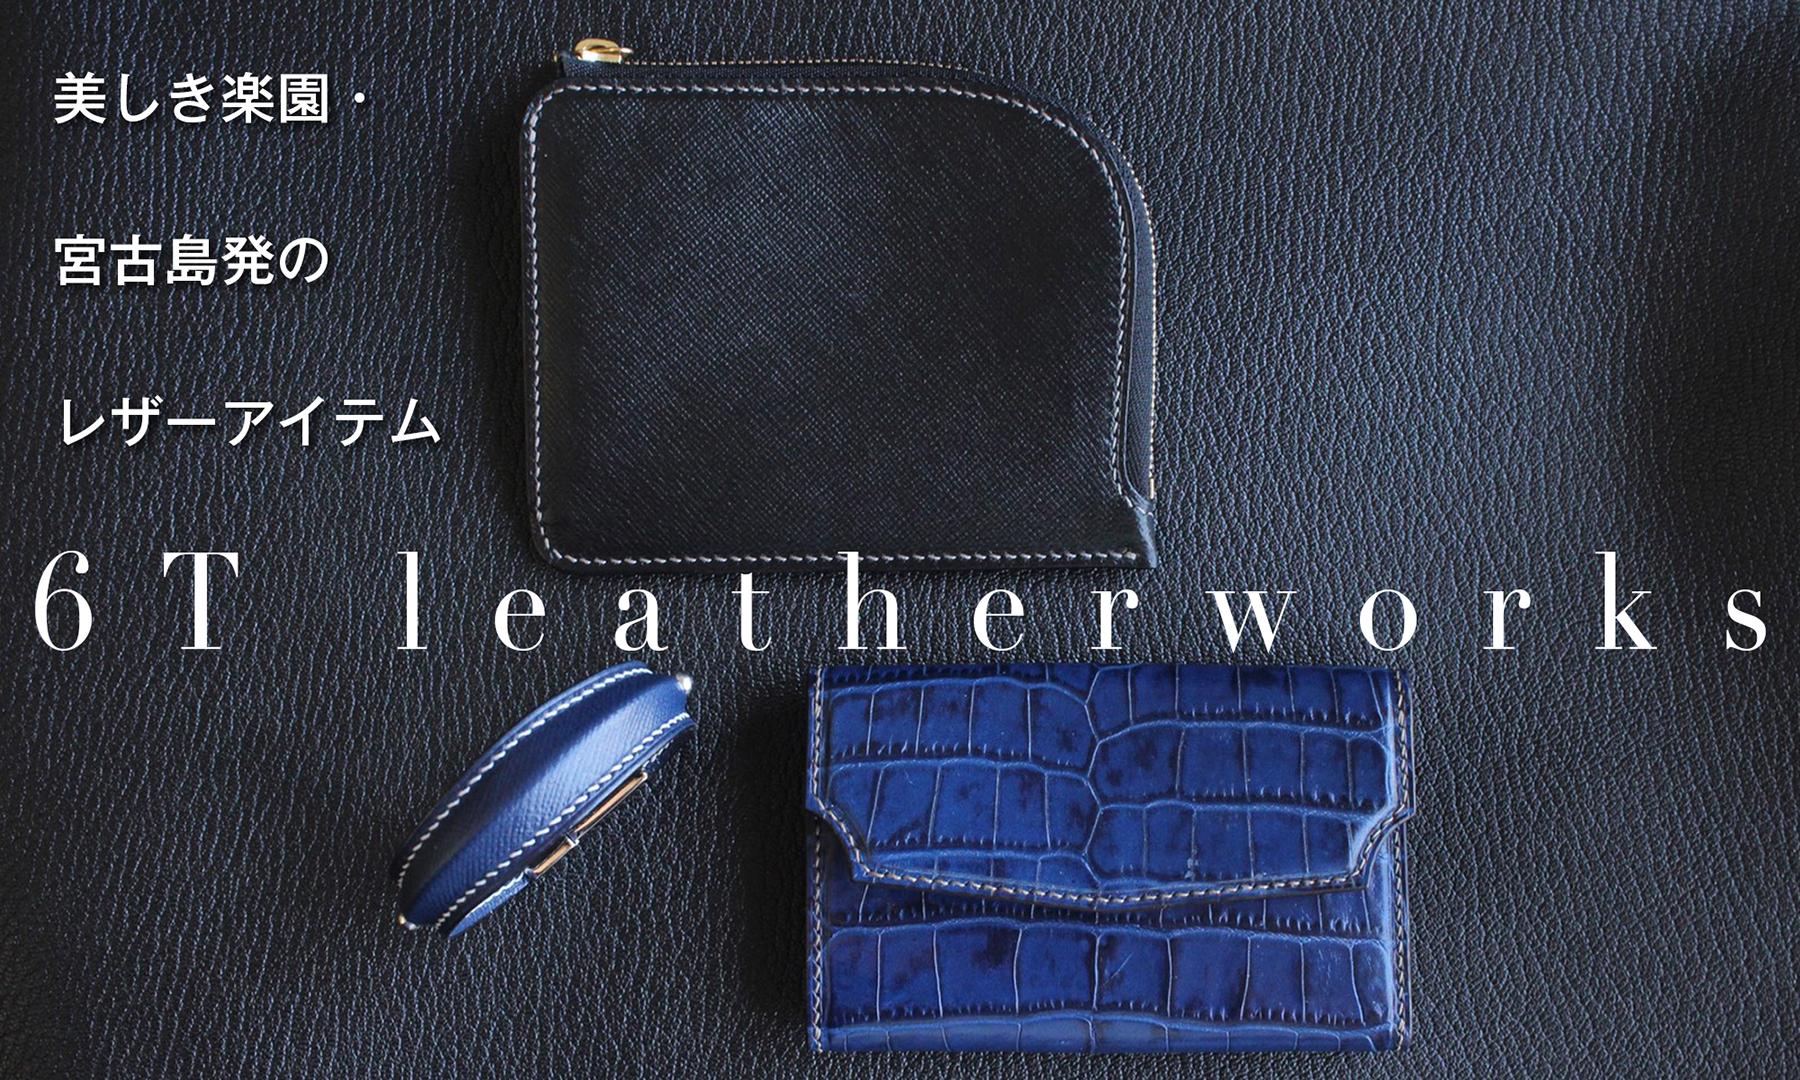 美しき楽園・宮古島発のレザーアイテム -6T leatherworks-